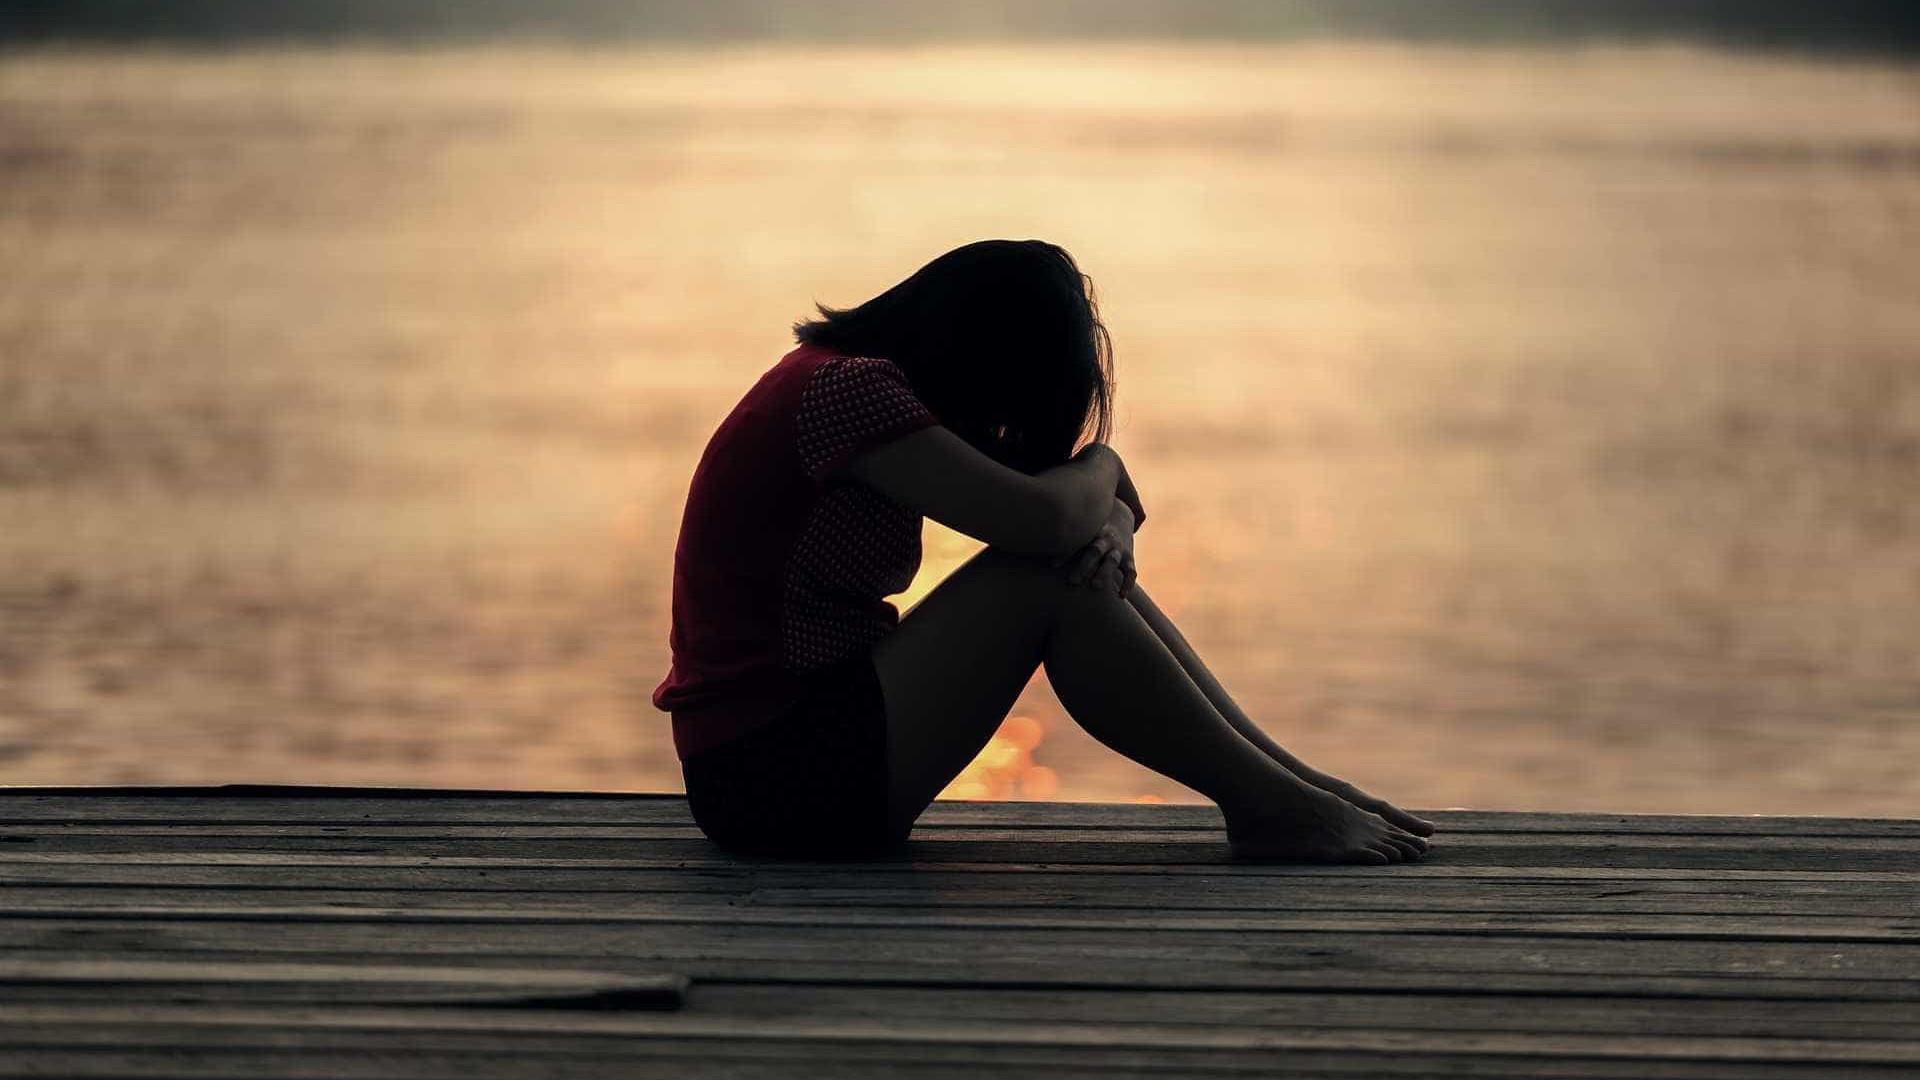 Seis em cada 10 mulheres sofreram assédio nos Estados Unidos